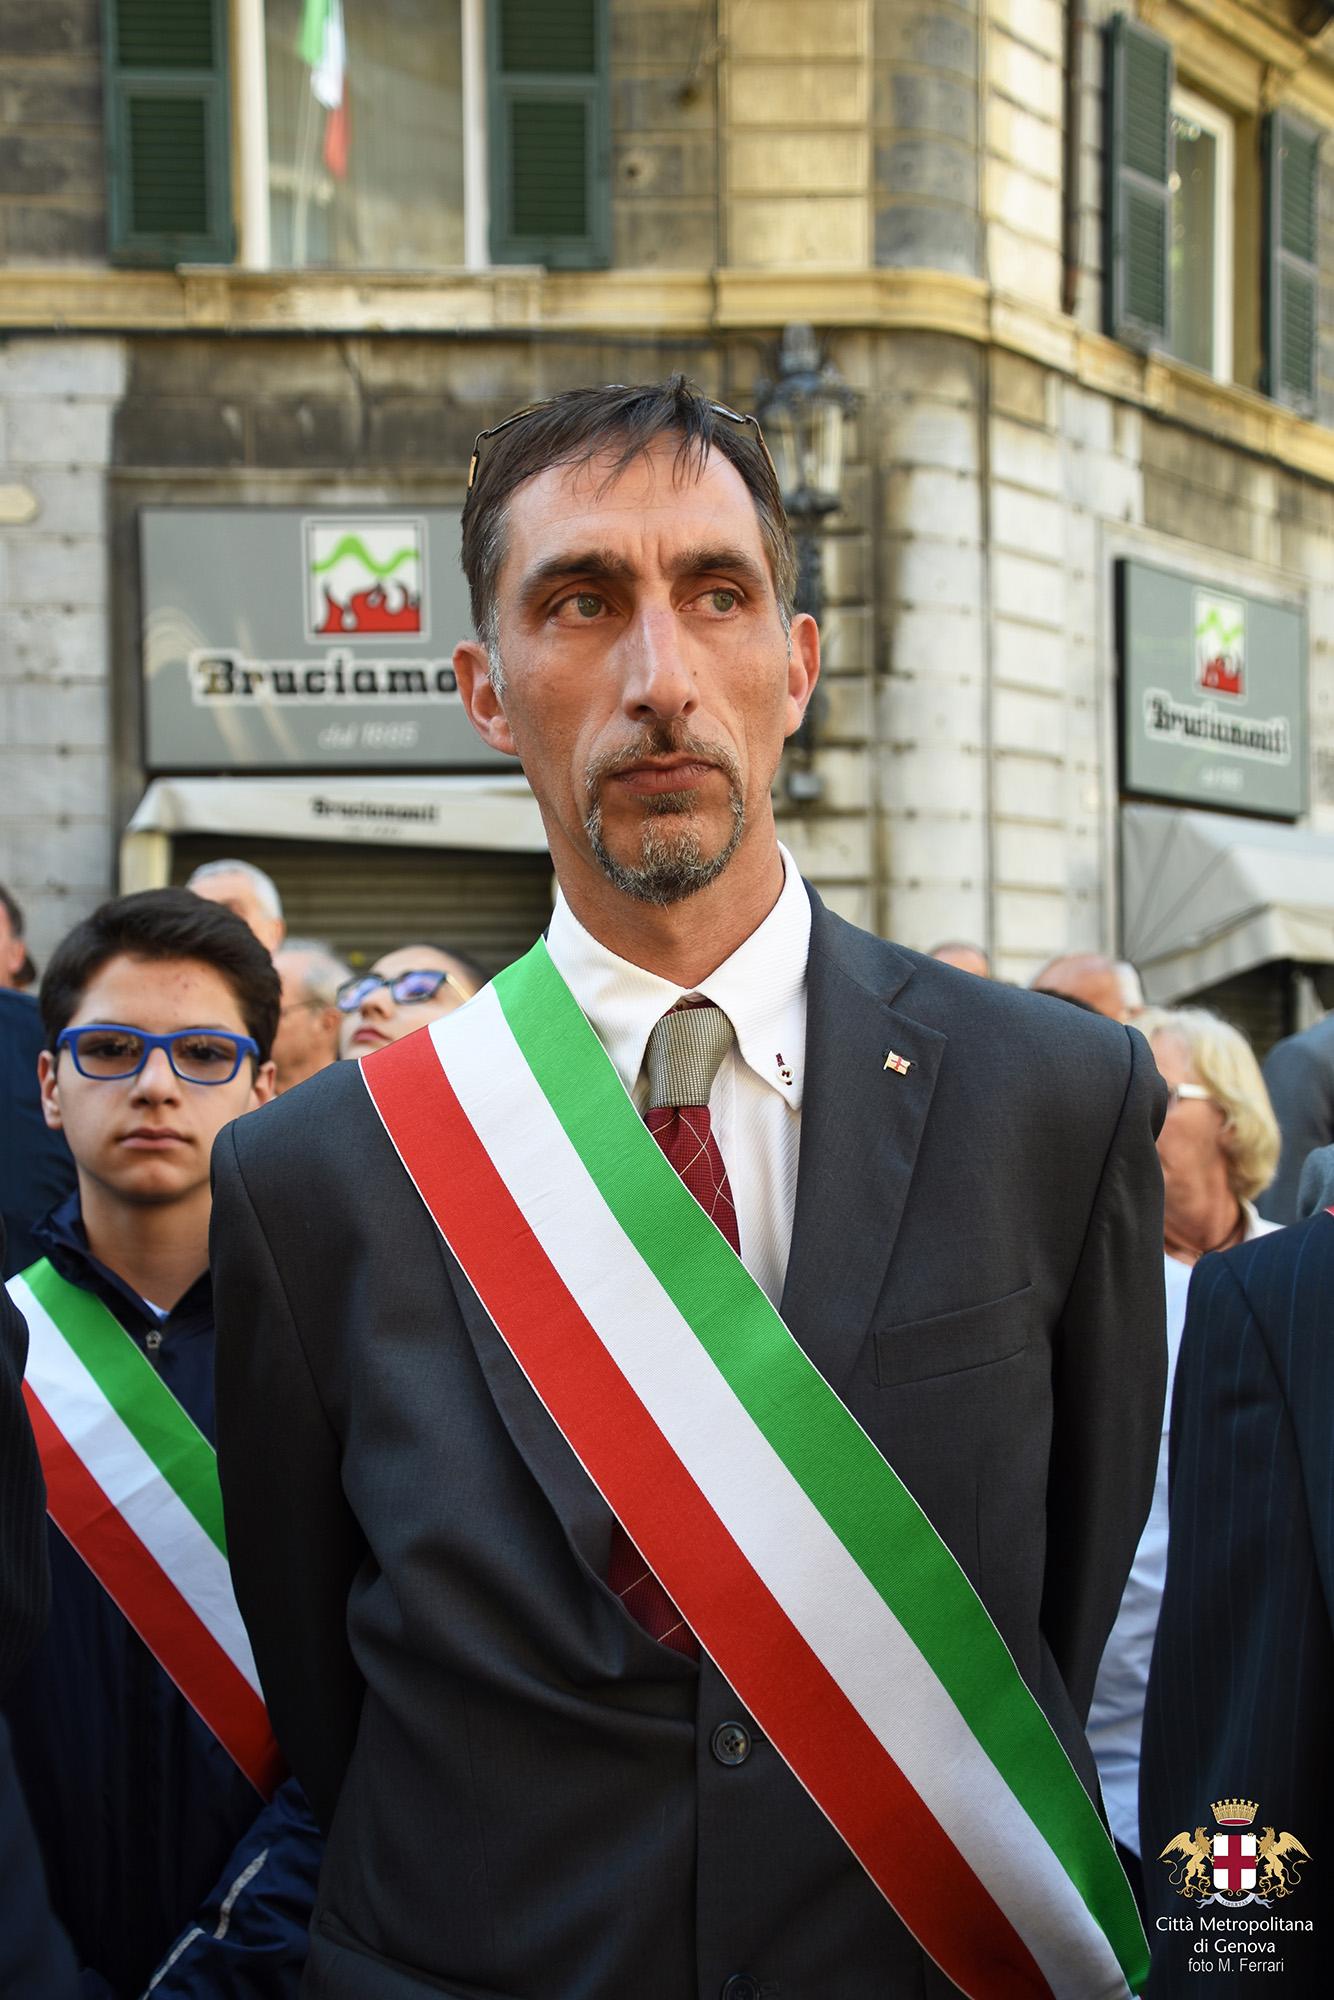 Simone Franceschi